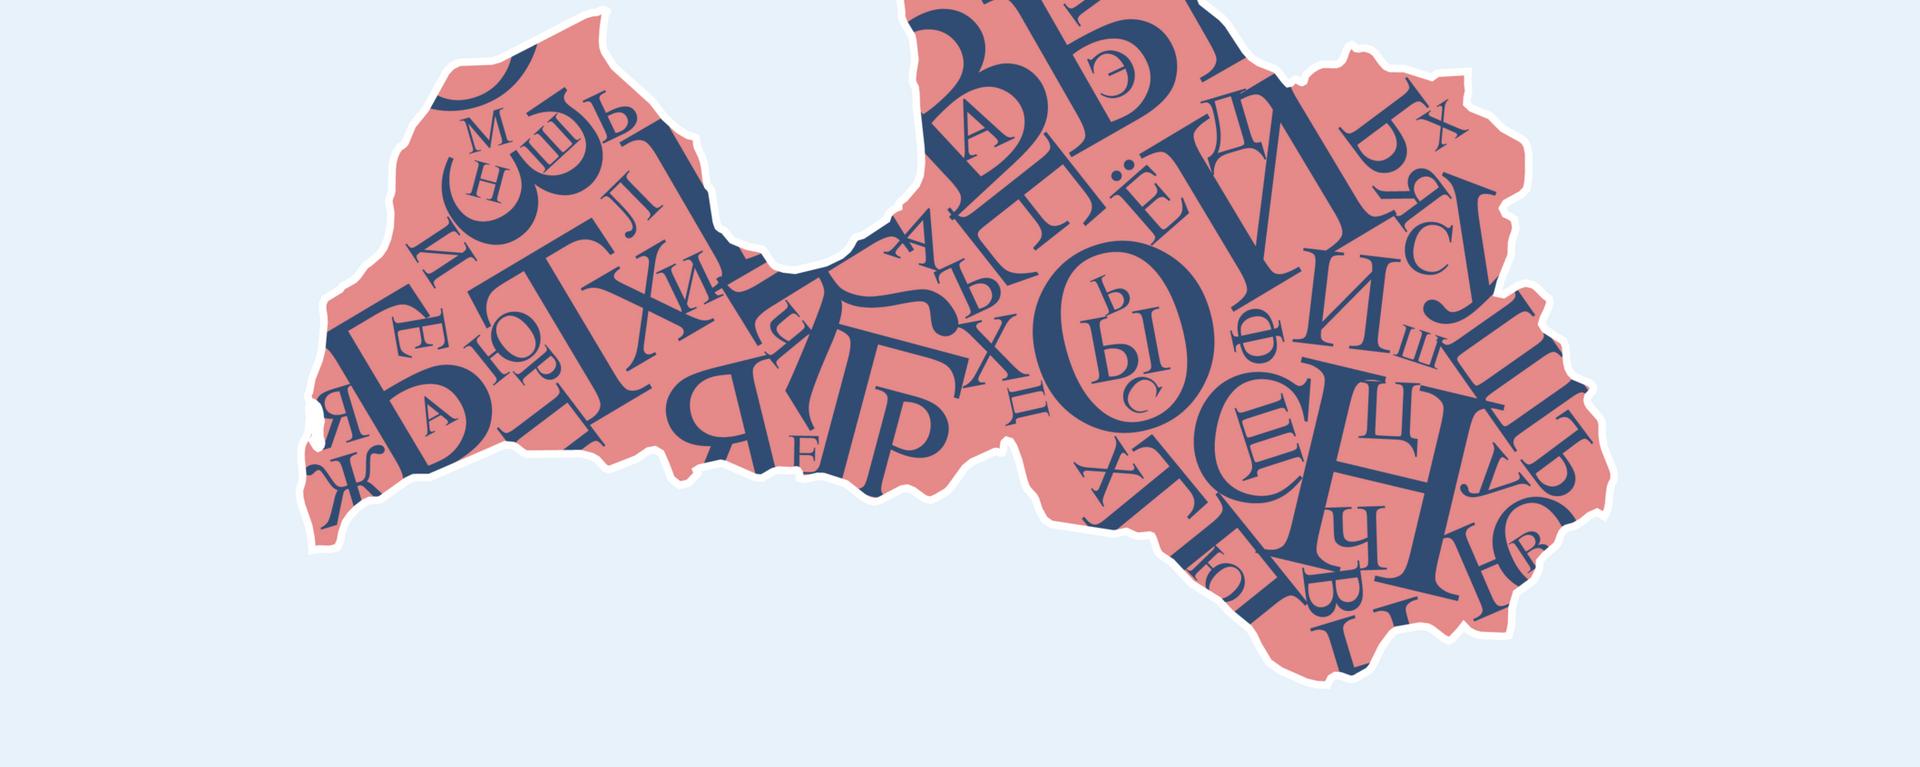 Язык преткновения: кто в Латвии говорит по-русски - Sputnik Latvija, 1920, 29.08.2021